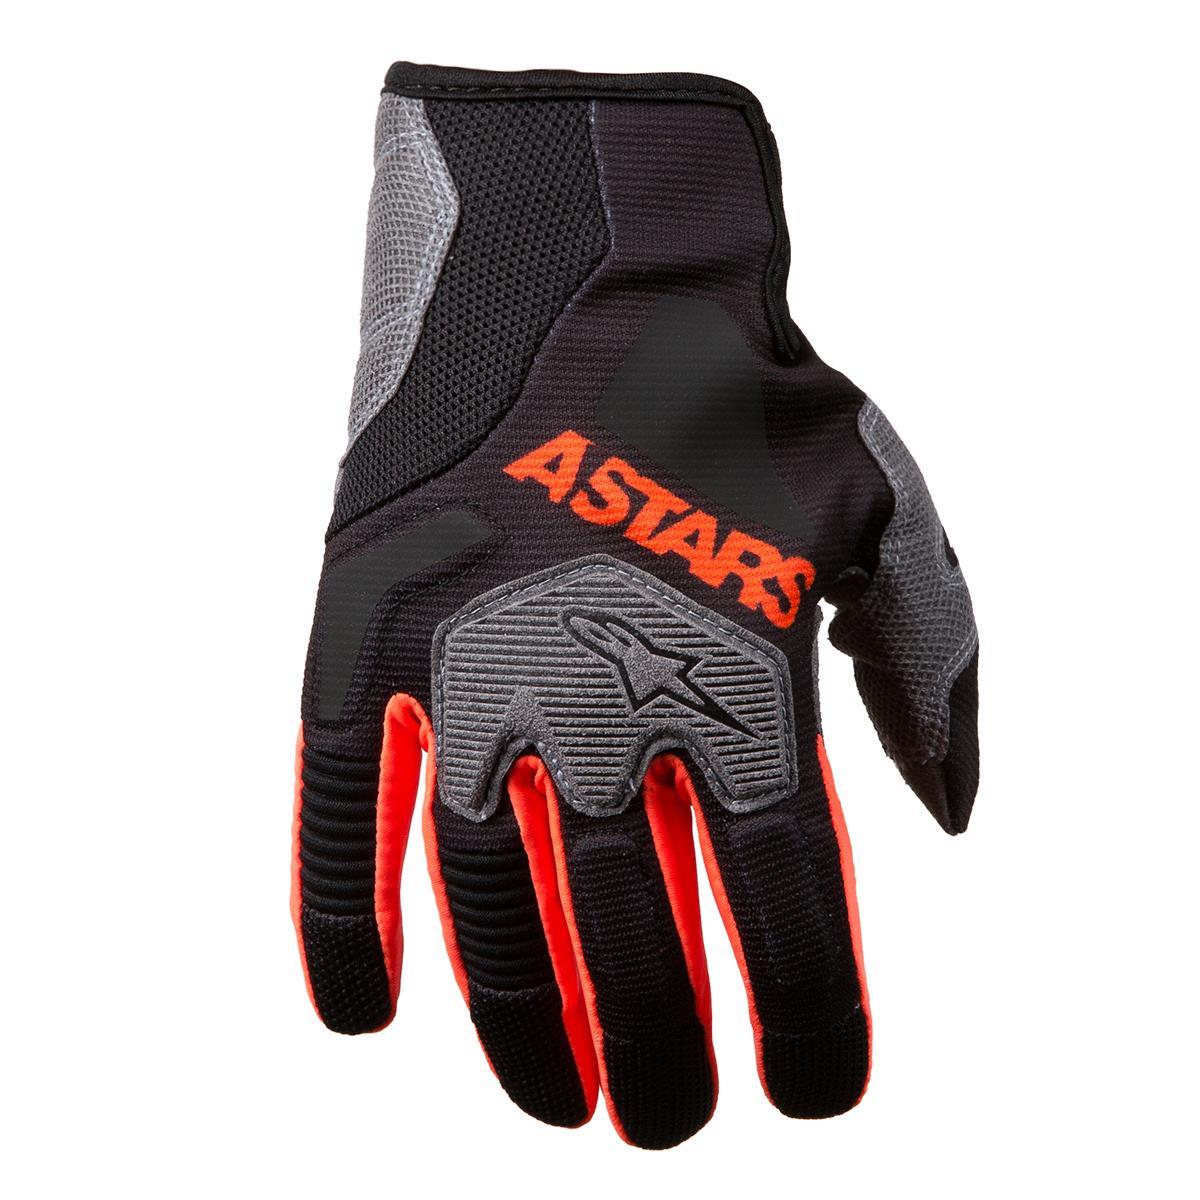 Alpinestars Handschuhe Venture R Schwarz/Orange Fluo